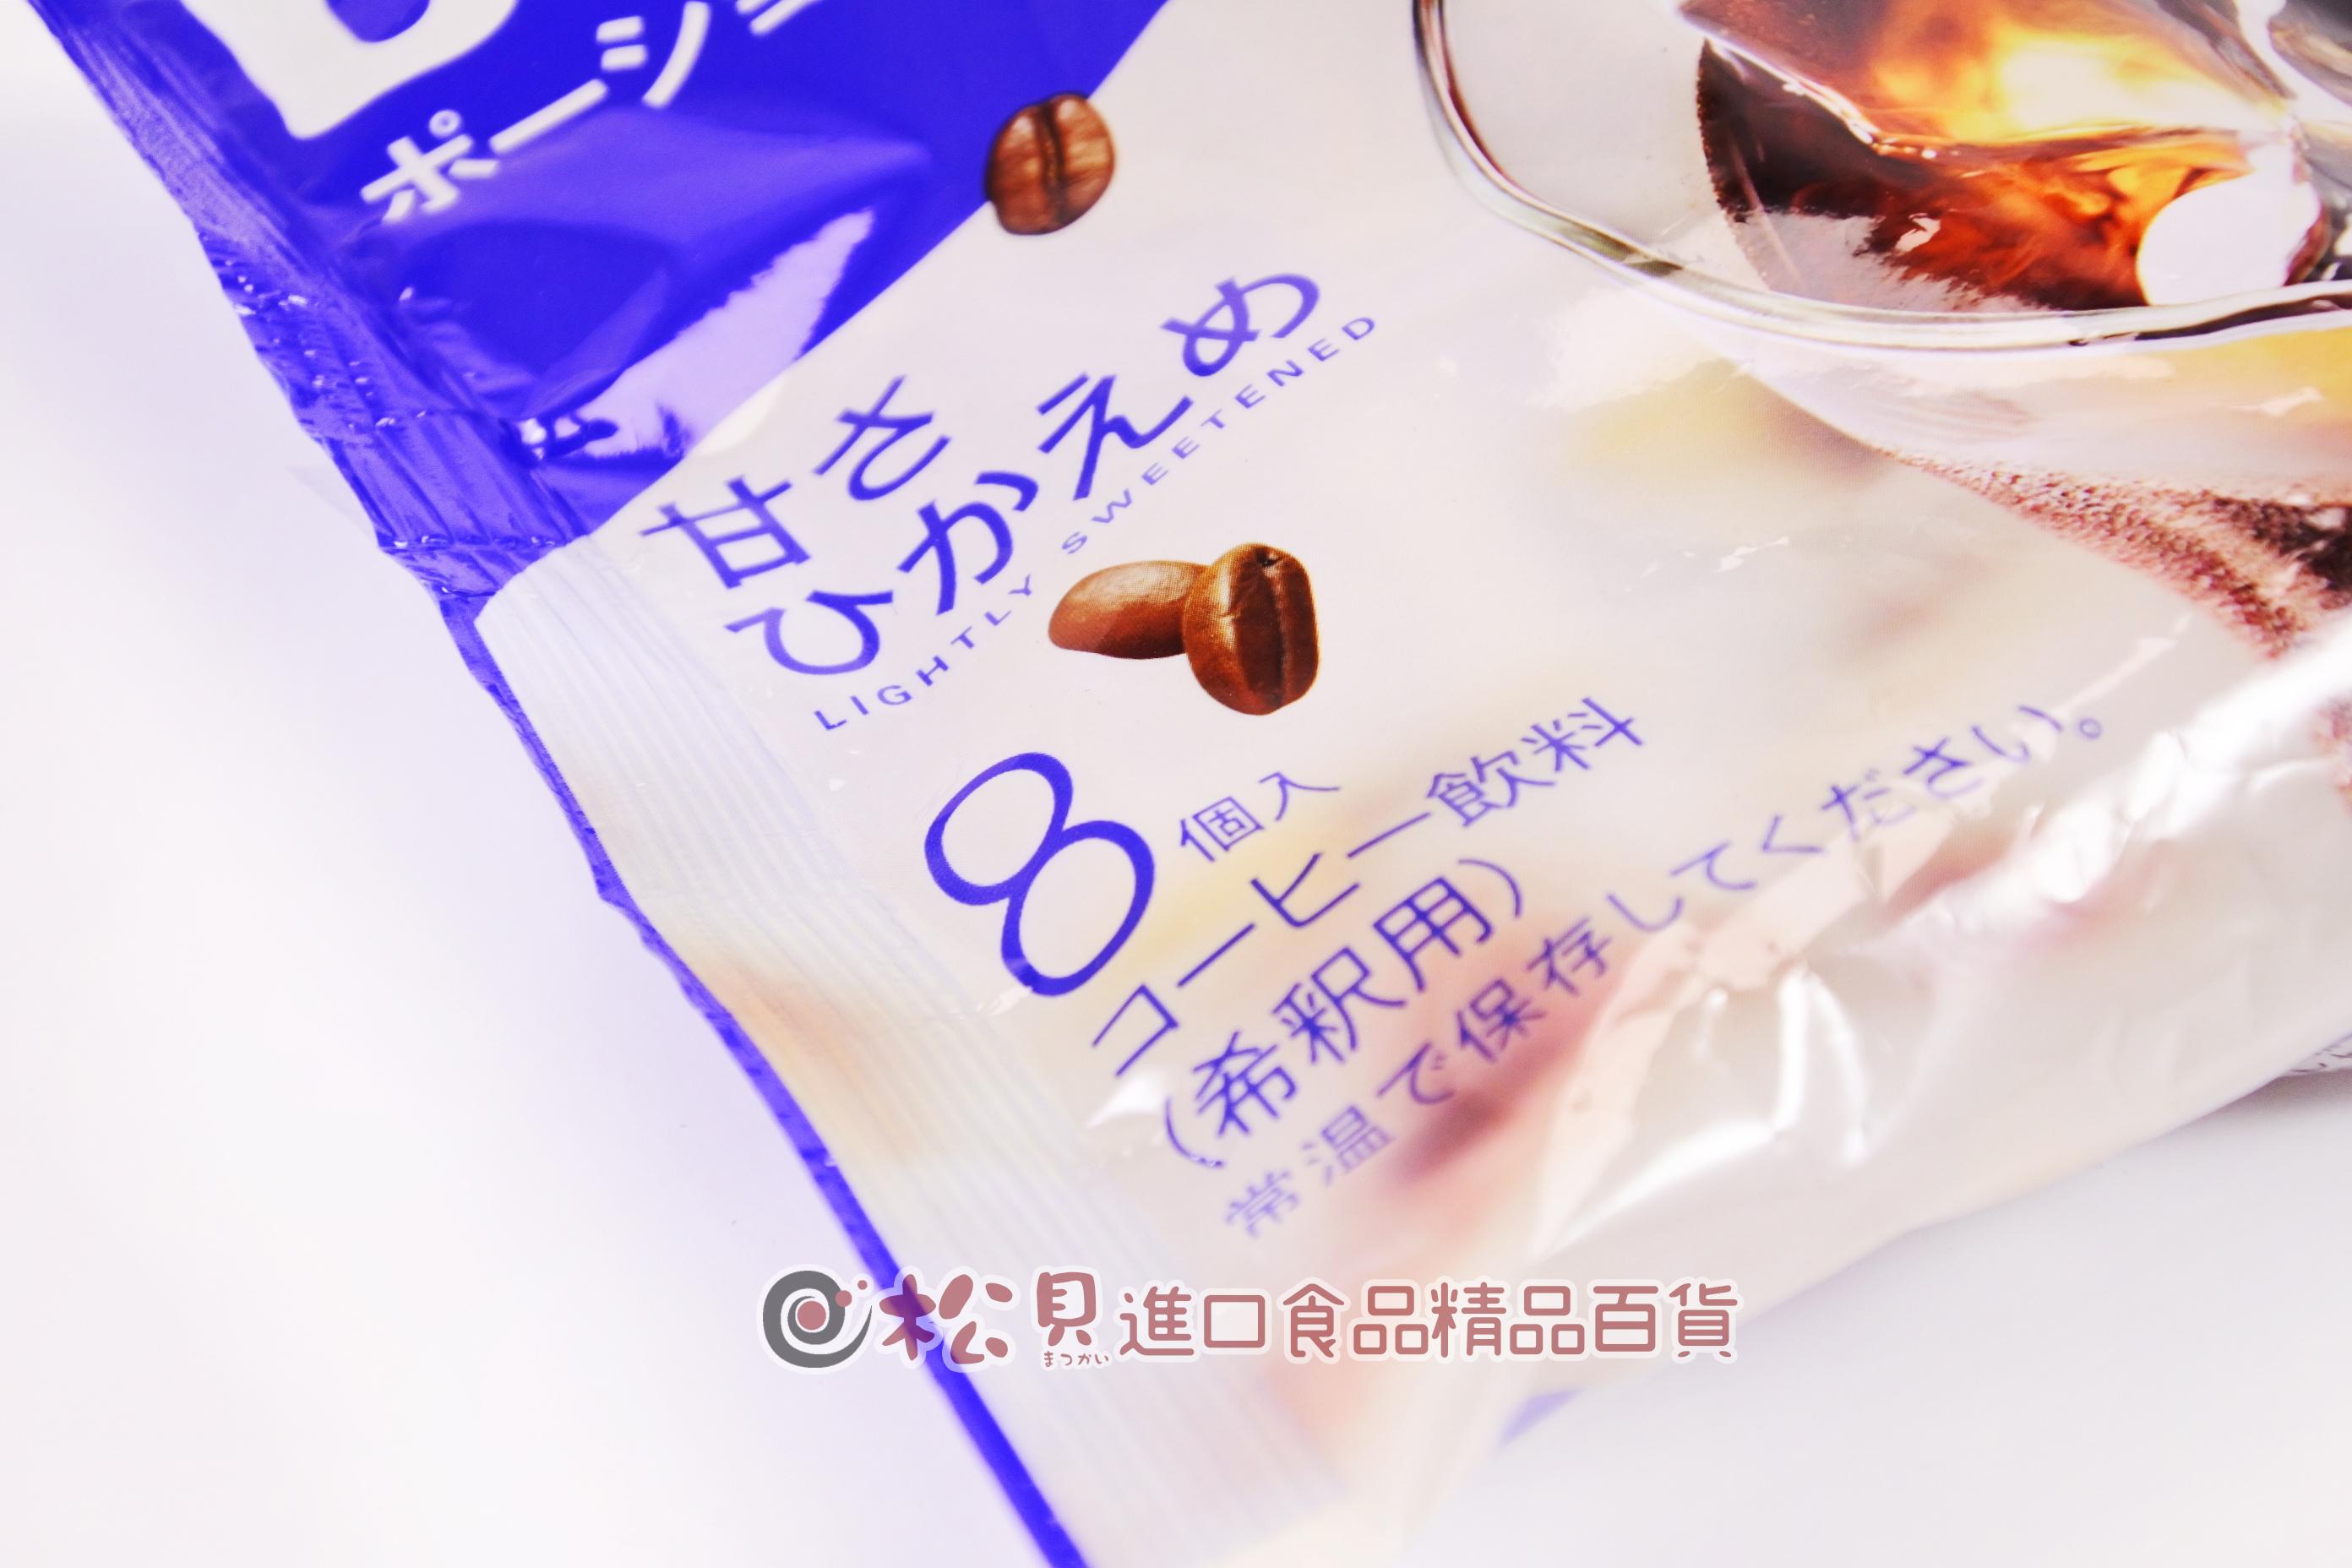 AGF Blendy咖啡球8入(微糖)144g.jpg